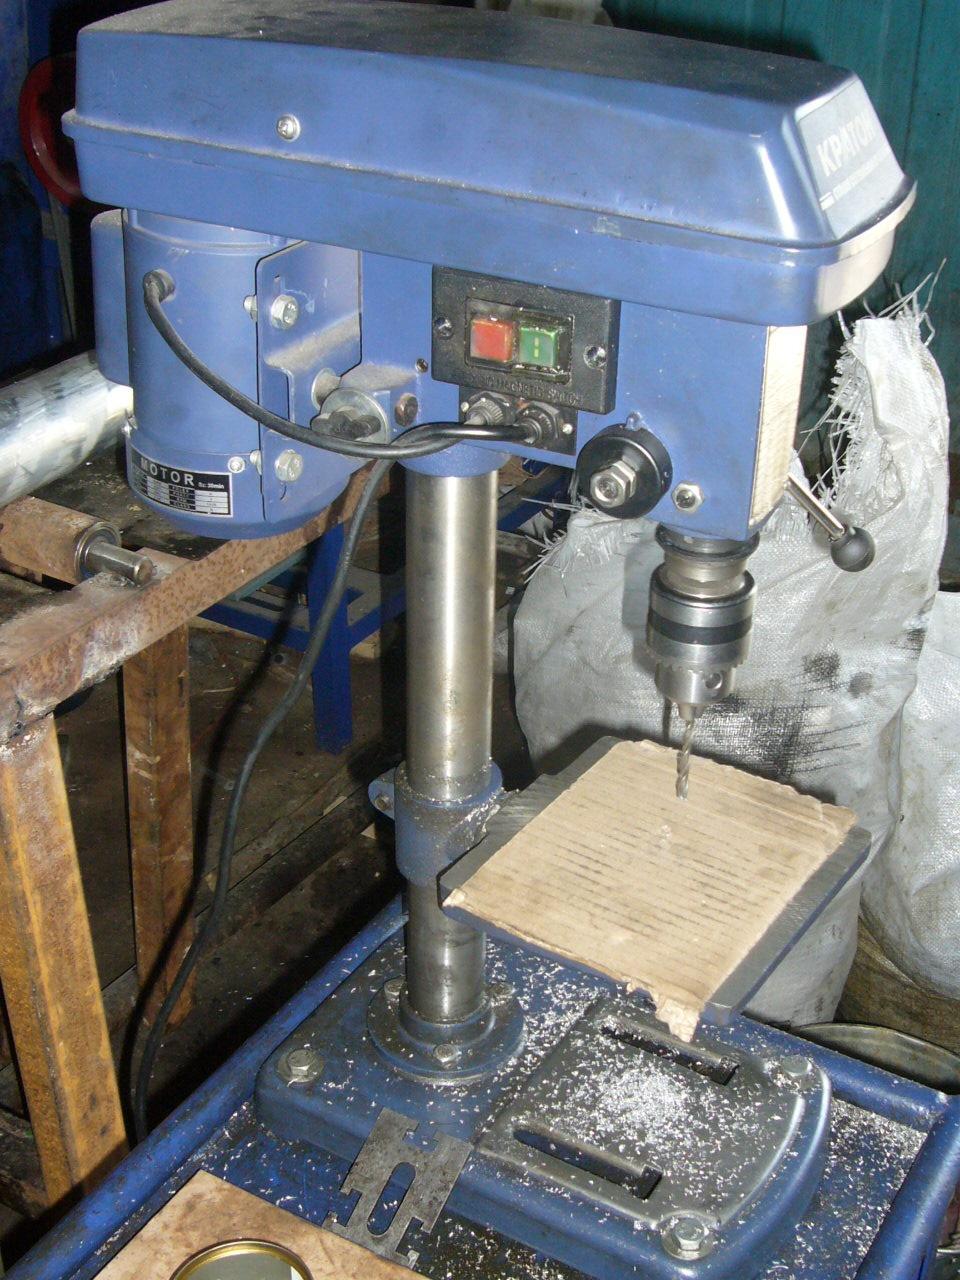 Вертикально-сверлильный станок: технические характеристики настольного станка для ремонта, его назначение и отзывы об этом